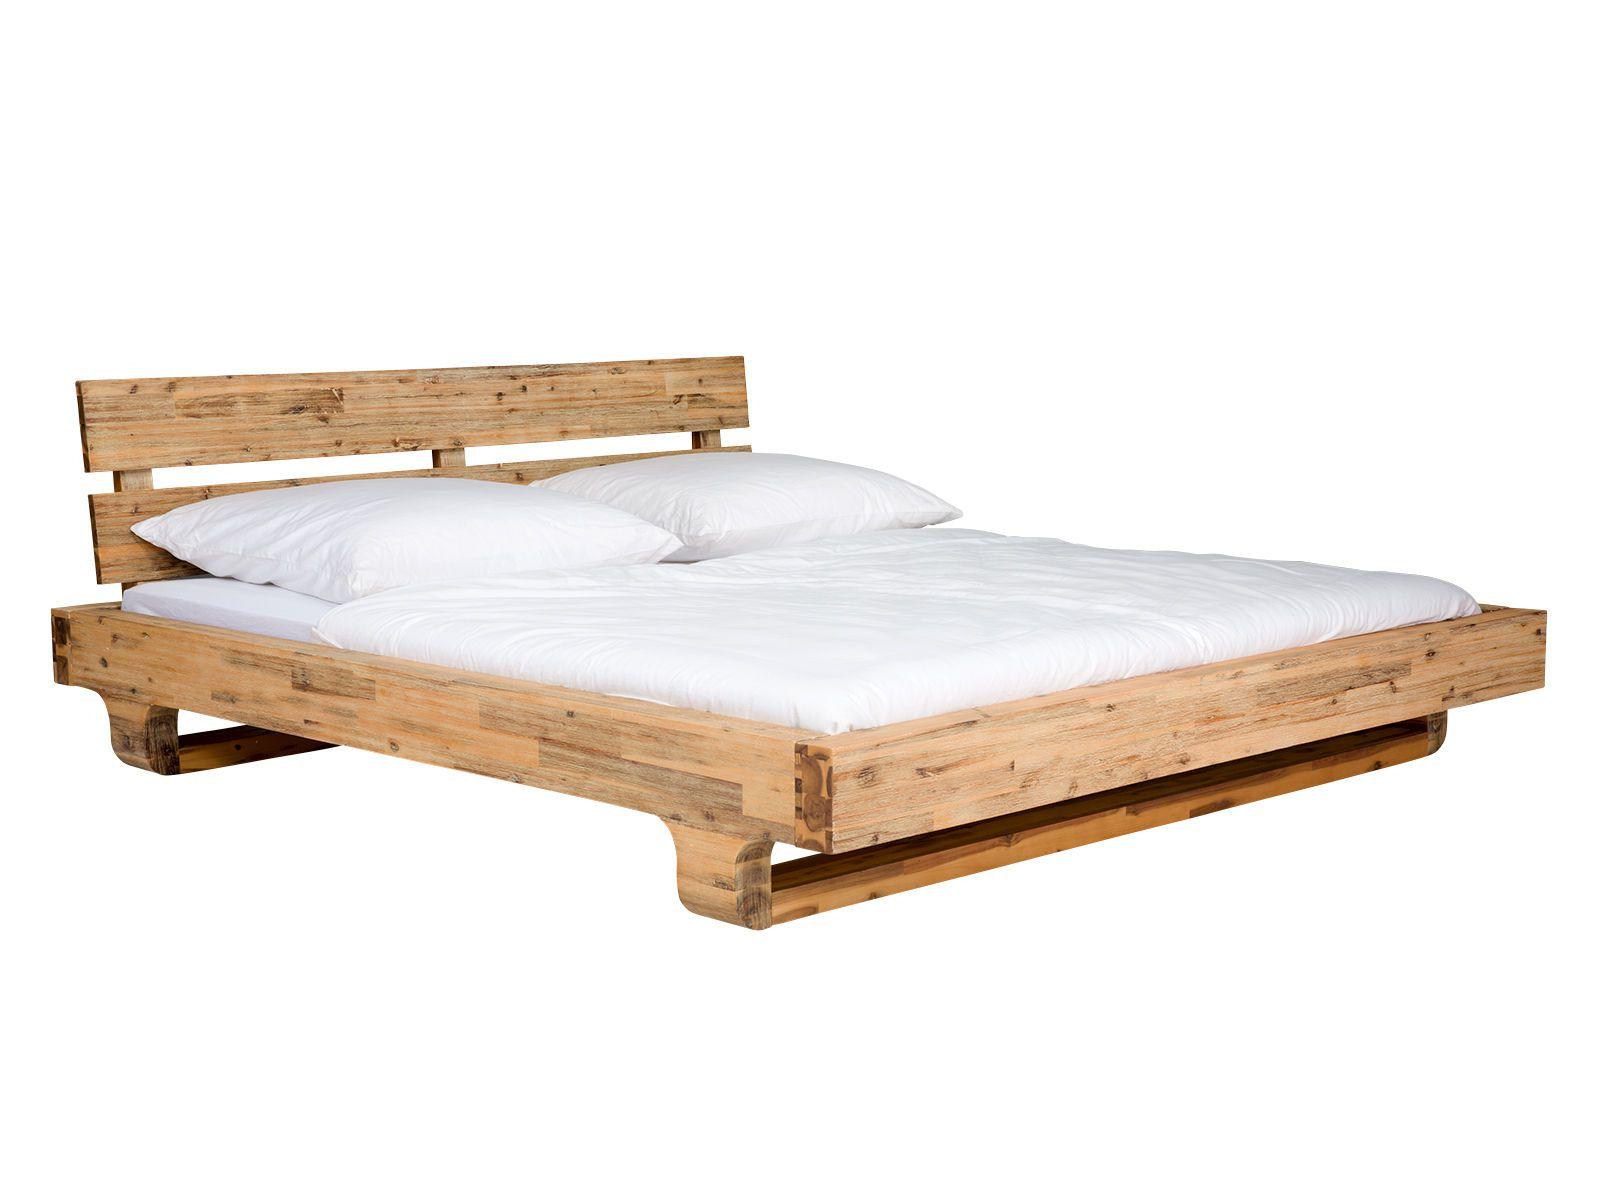 Full Size of Bett 80x200 180x200 Mit Bettkasten 160x200 Betten Frankfurt Esstisch Holz Massiv Amerikanisches Weißes 140x200 Matratze Und Lattenrost Modernes überlänge Bett Bett Holz